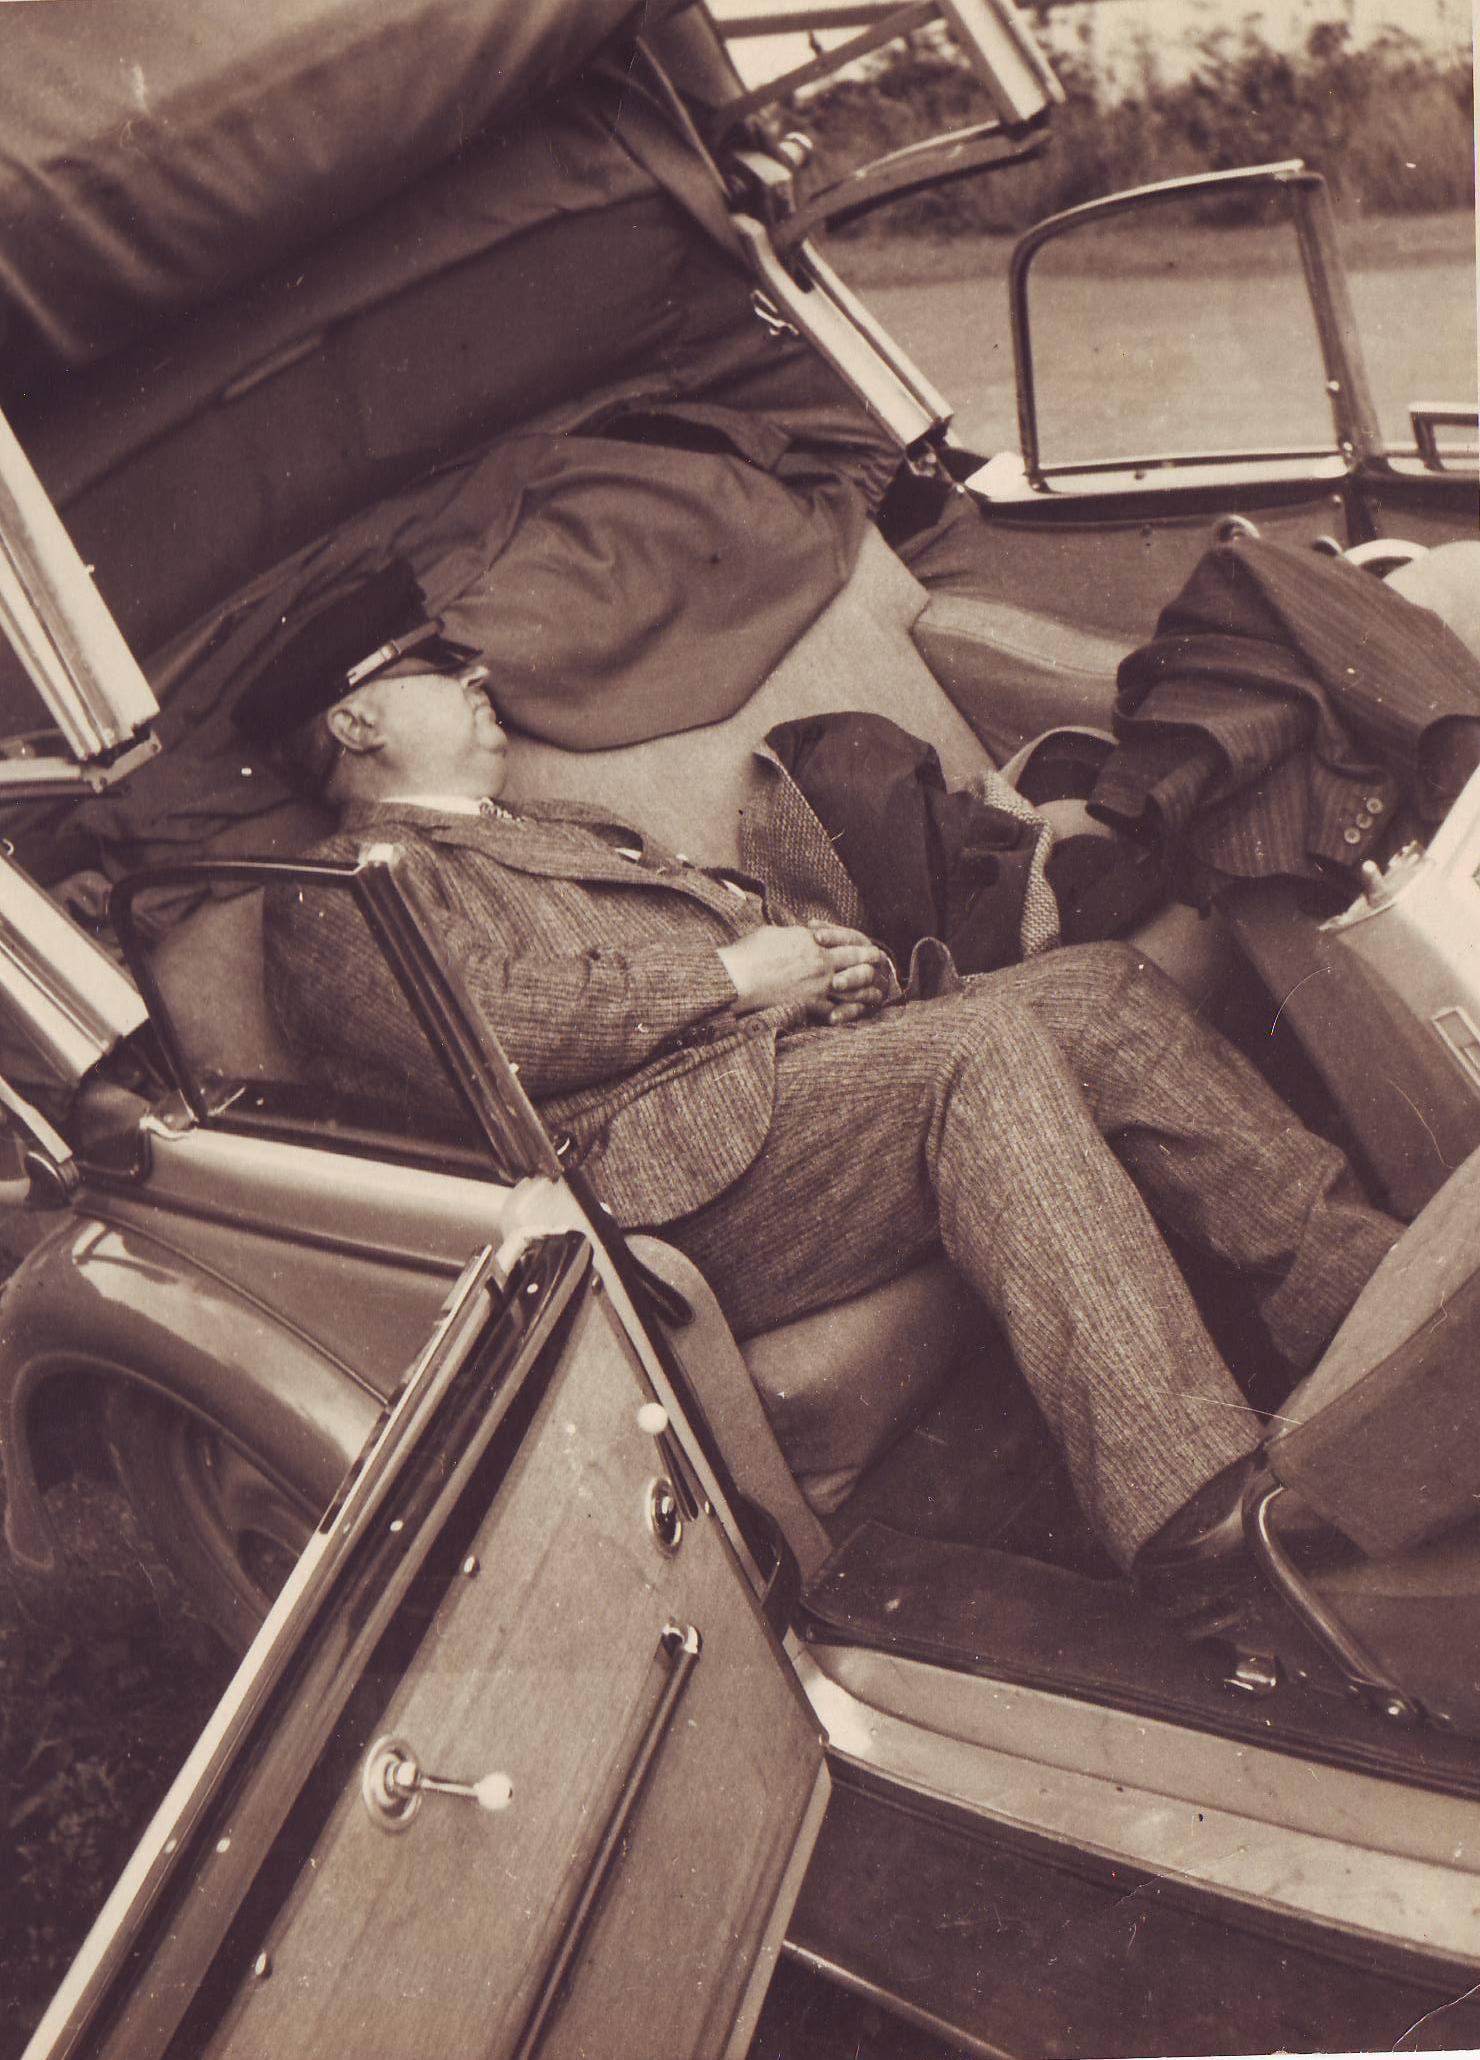 ErnstPickhardt in seinem Wagen schlafend